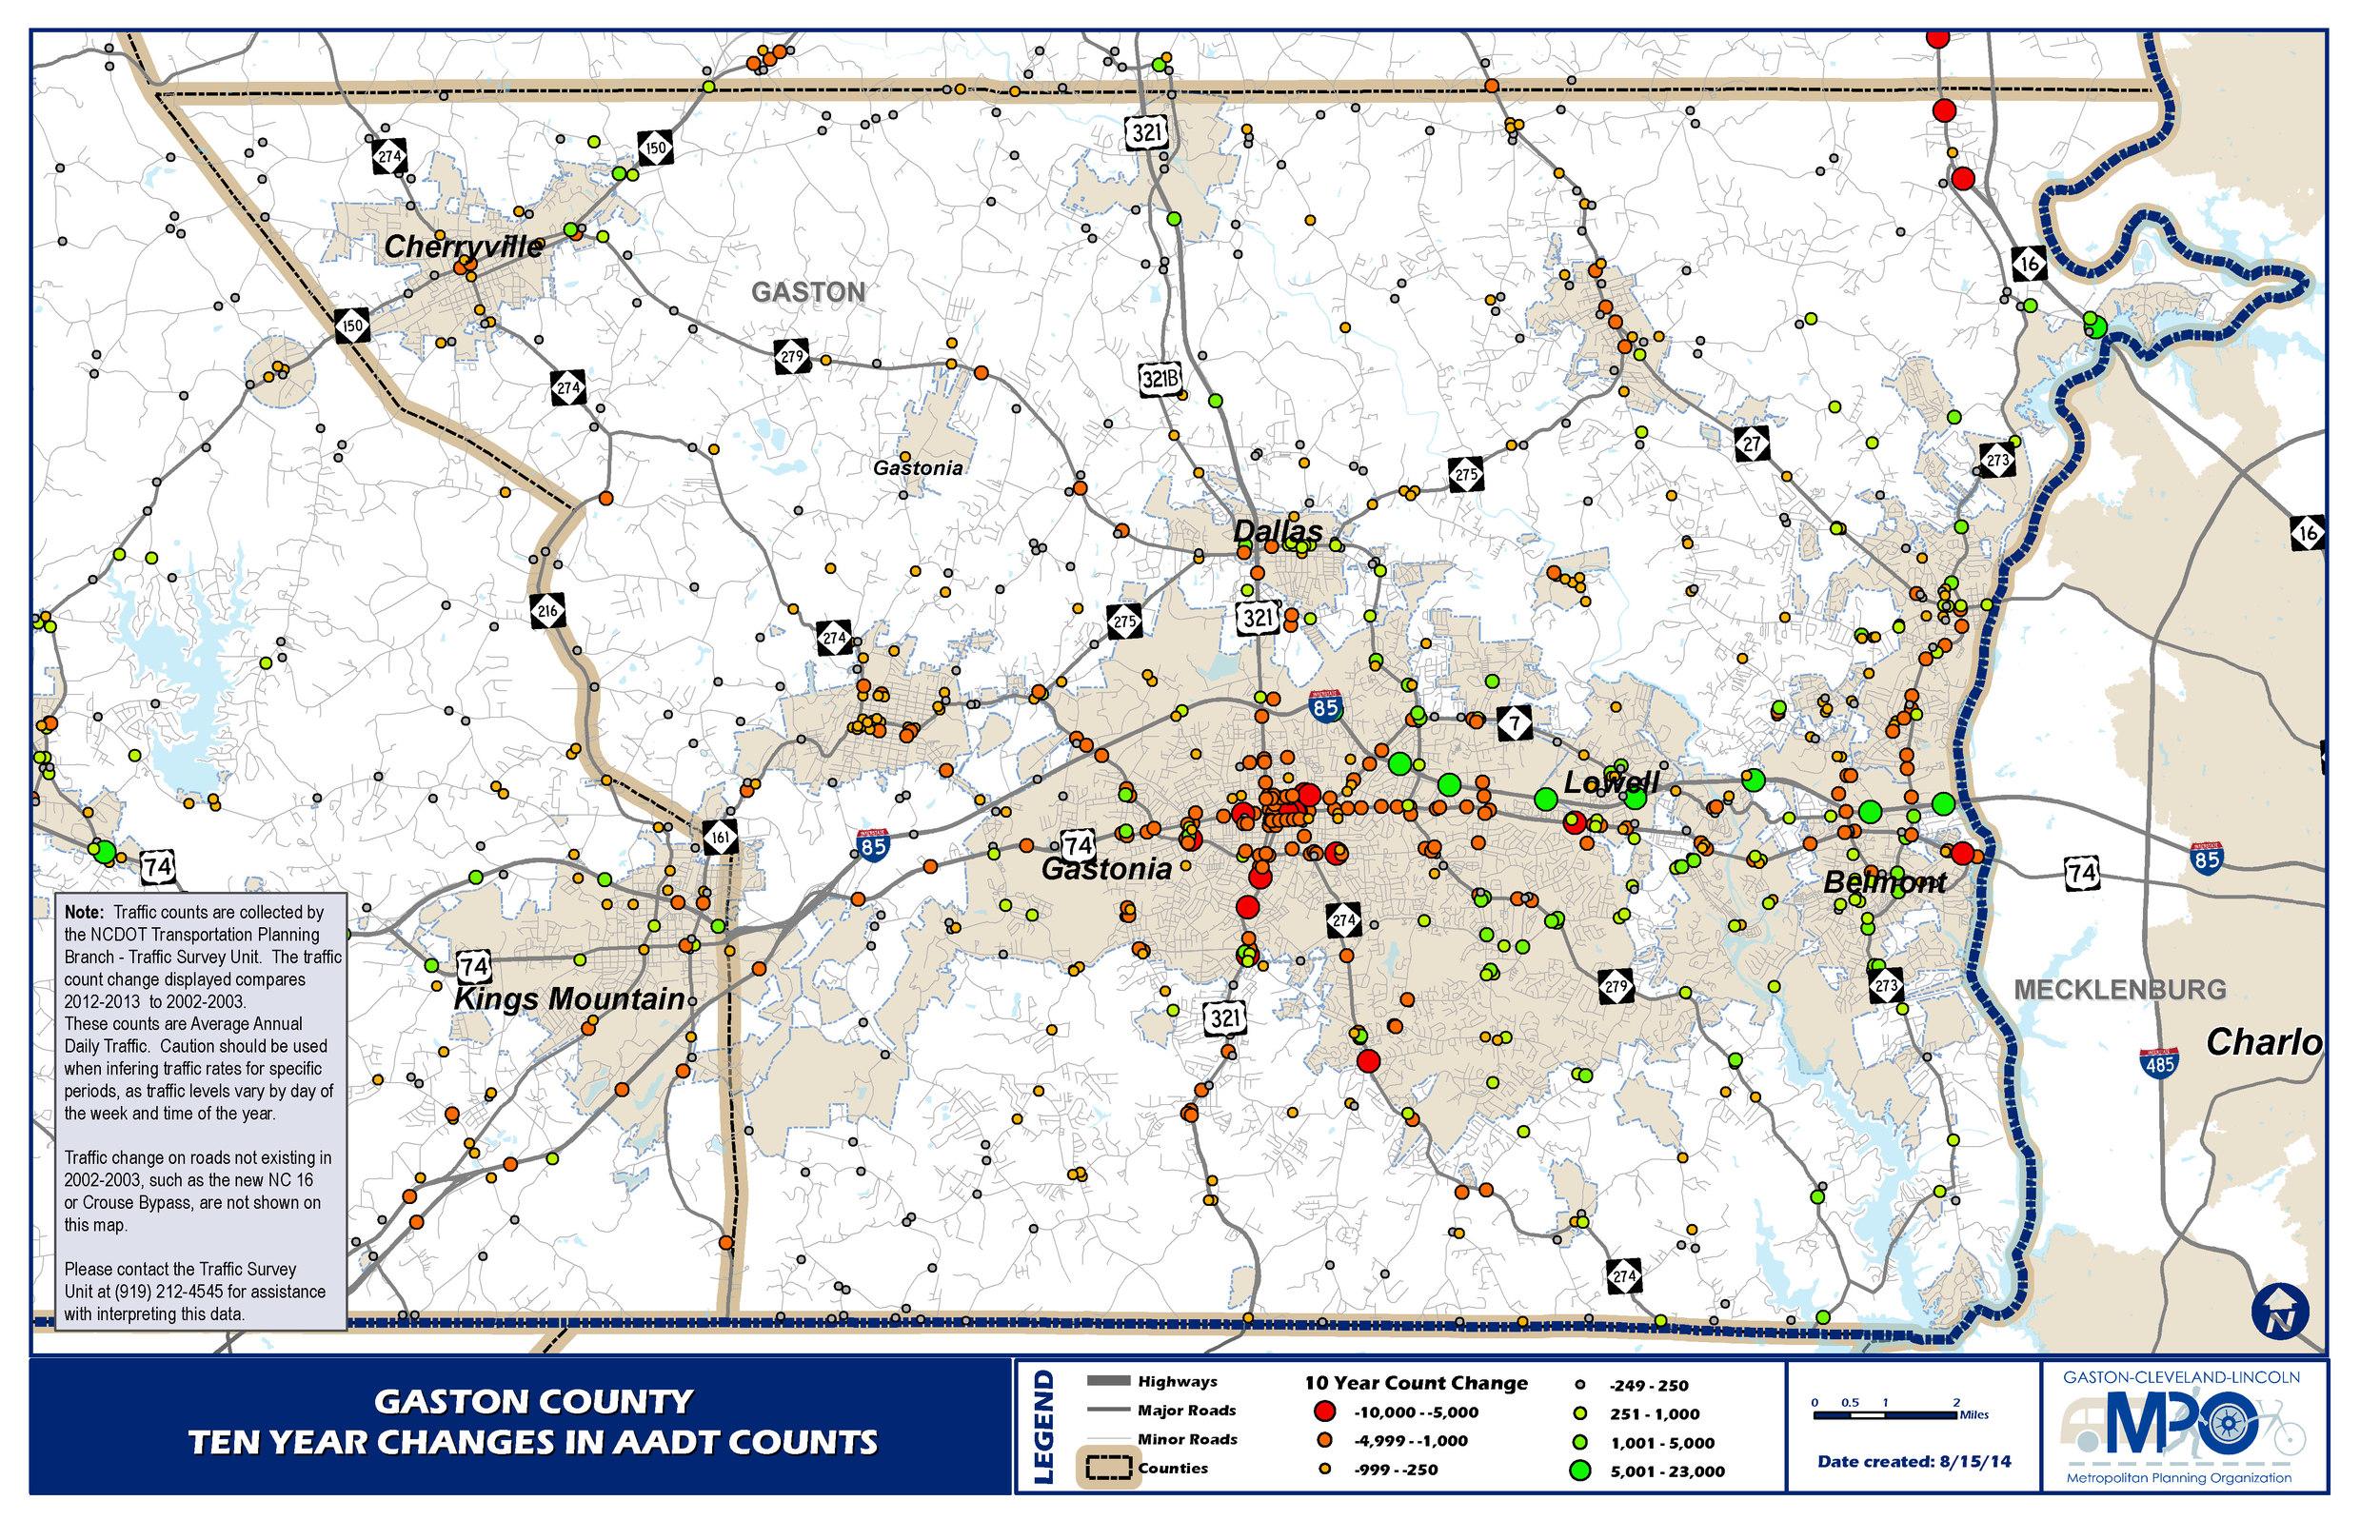 Gaston County Ten Year Changes in AADT Counts